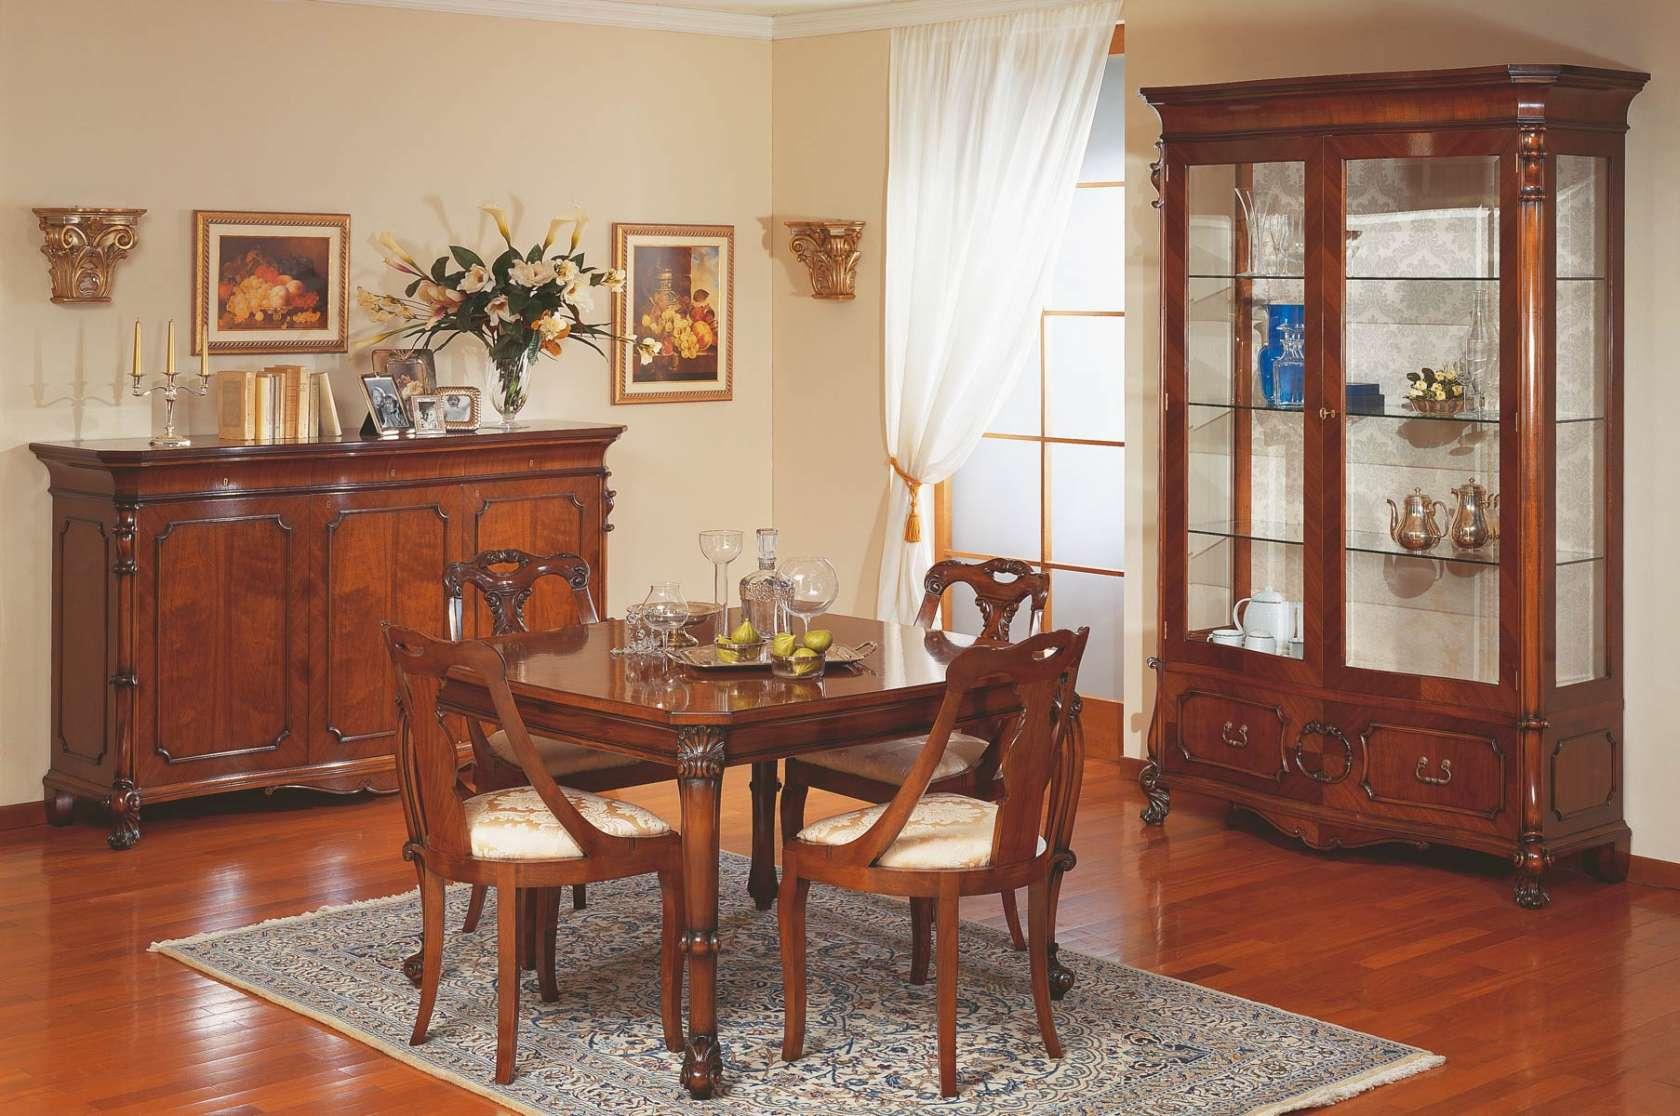 Salle à manger classique style XVIIIe siècle sicilien | Vimercati ...